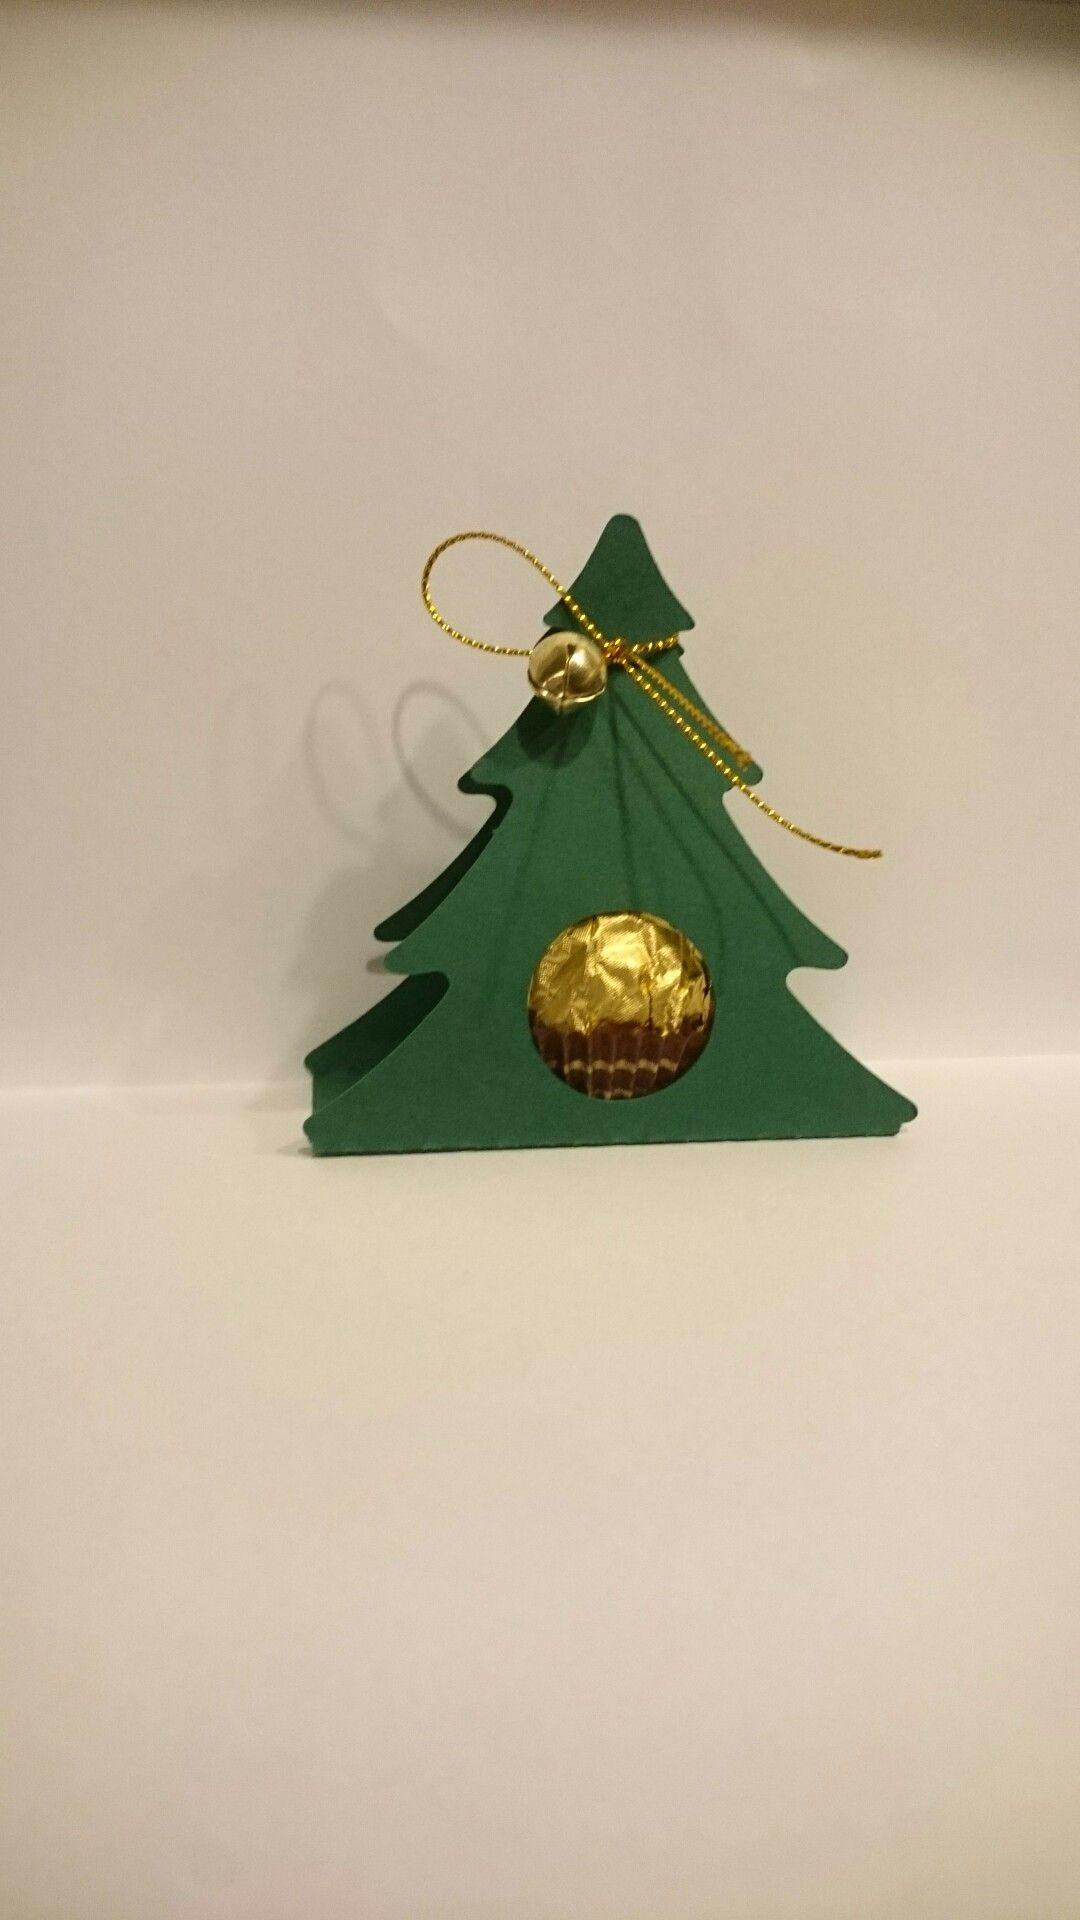 Süße kleine Bäumchen mit Rocher als Gastgeschenk grün mit Glöckchen dawanda: Adile_K_deko oder DekoYou auf Pinterest #kerstideeën